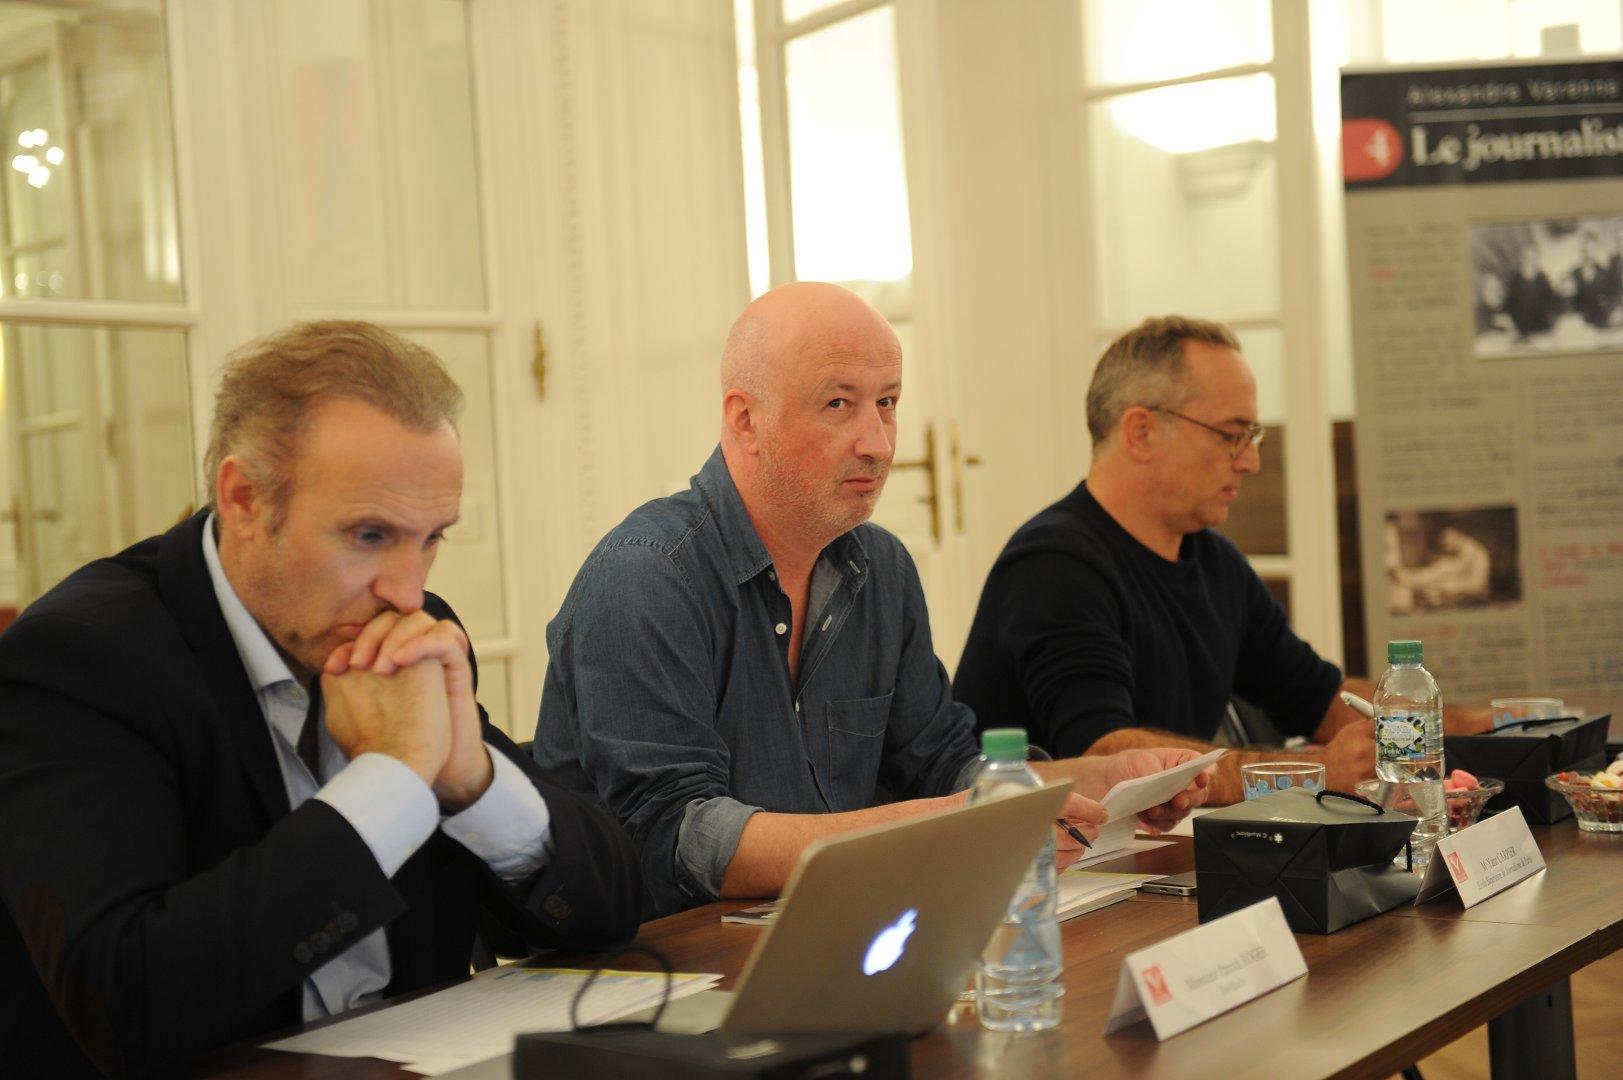 Le jury radio : à gauche, Patrick Roger (DG Sud Radio), Yann Carpier (journaliste) et Philippe Antoine (directeur de la rédaction RCM)